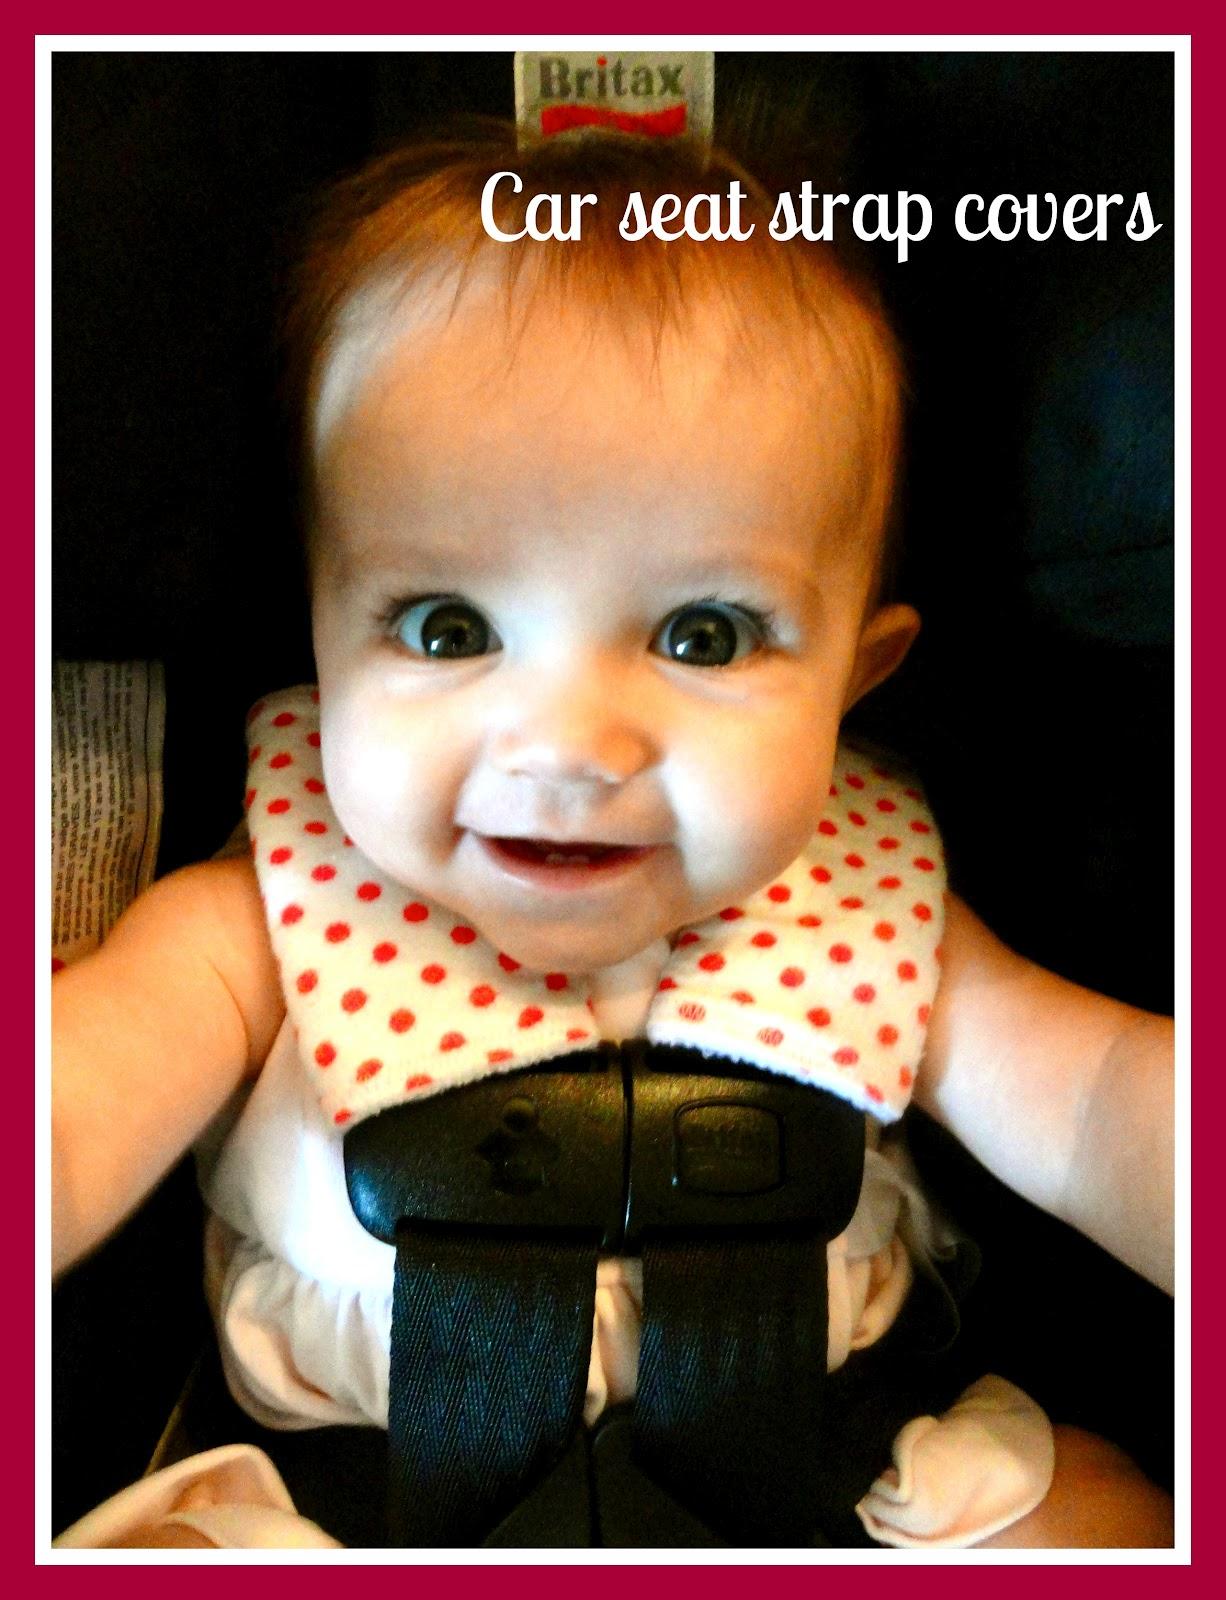 Rachels Nest Car Seat Strap Covers